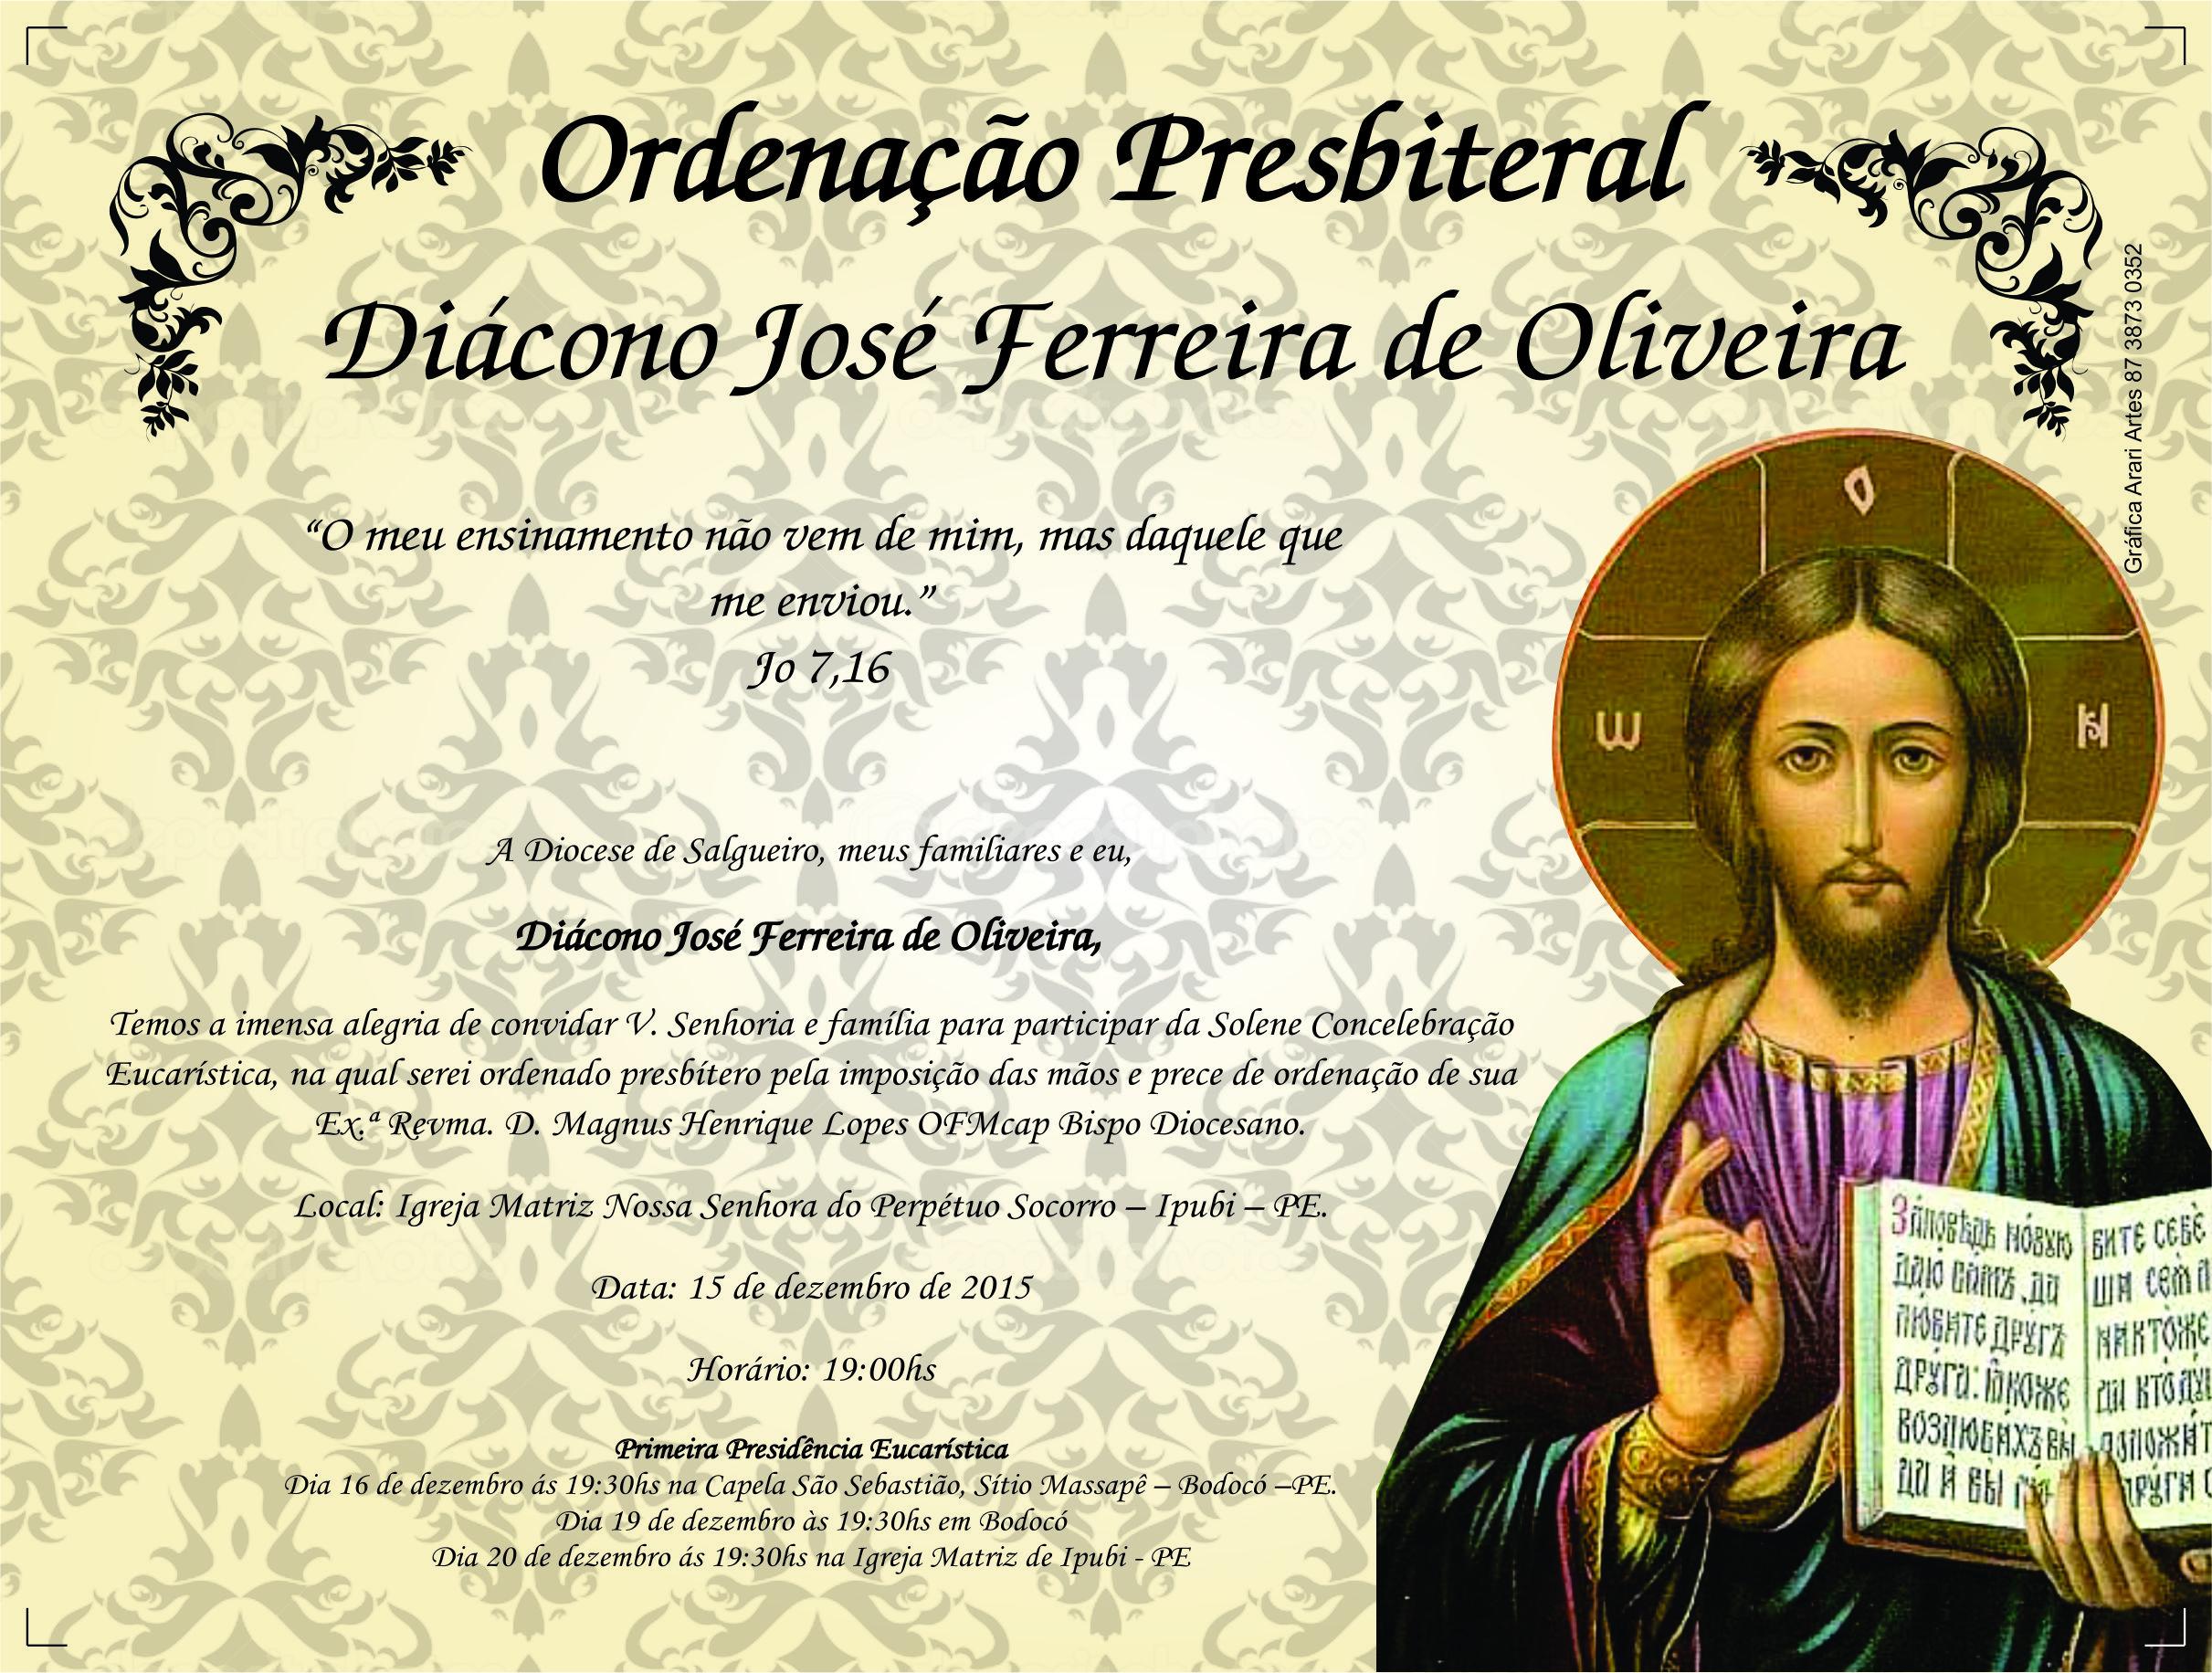 JOSÉ FERREIRA - CONVITE DA ORDERNAÇÃO PRESBITERAL  0,20 X 0,16